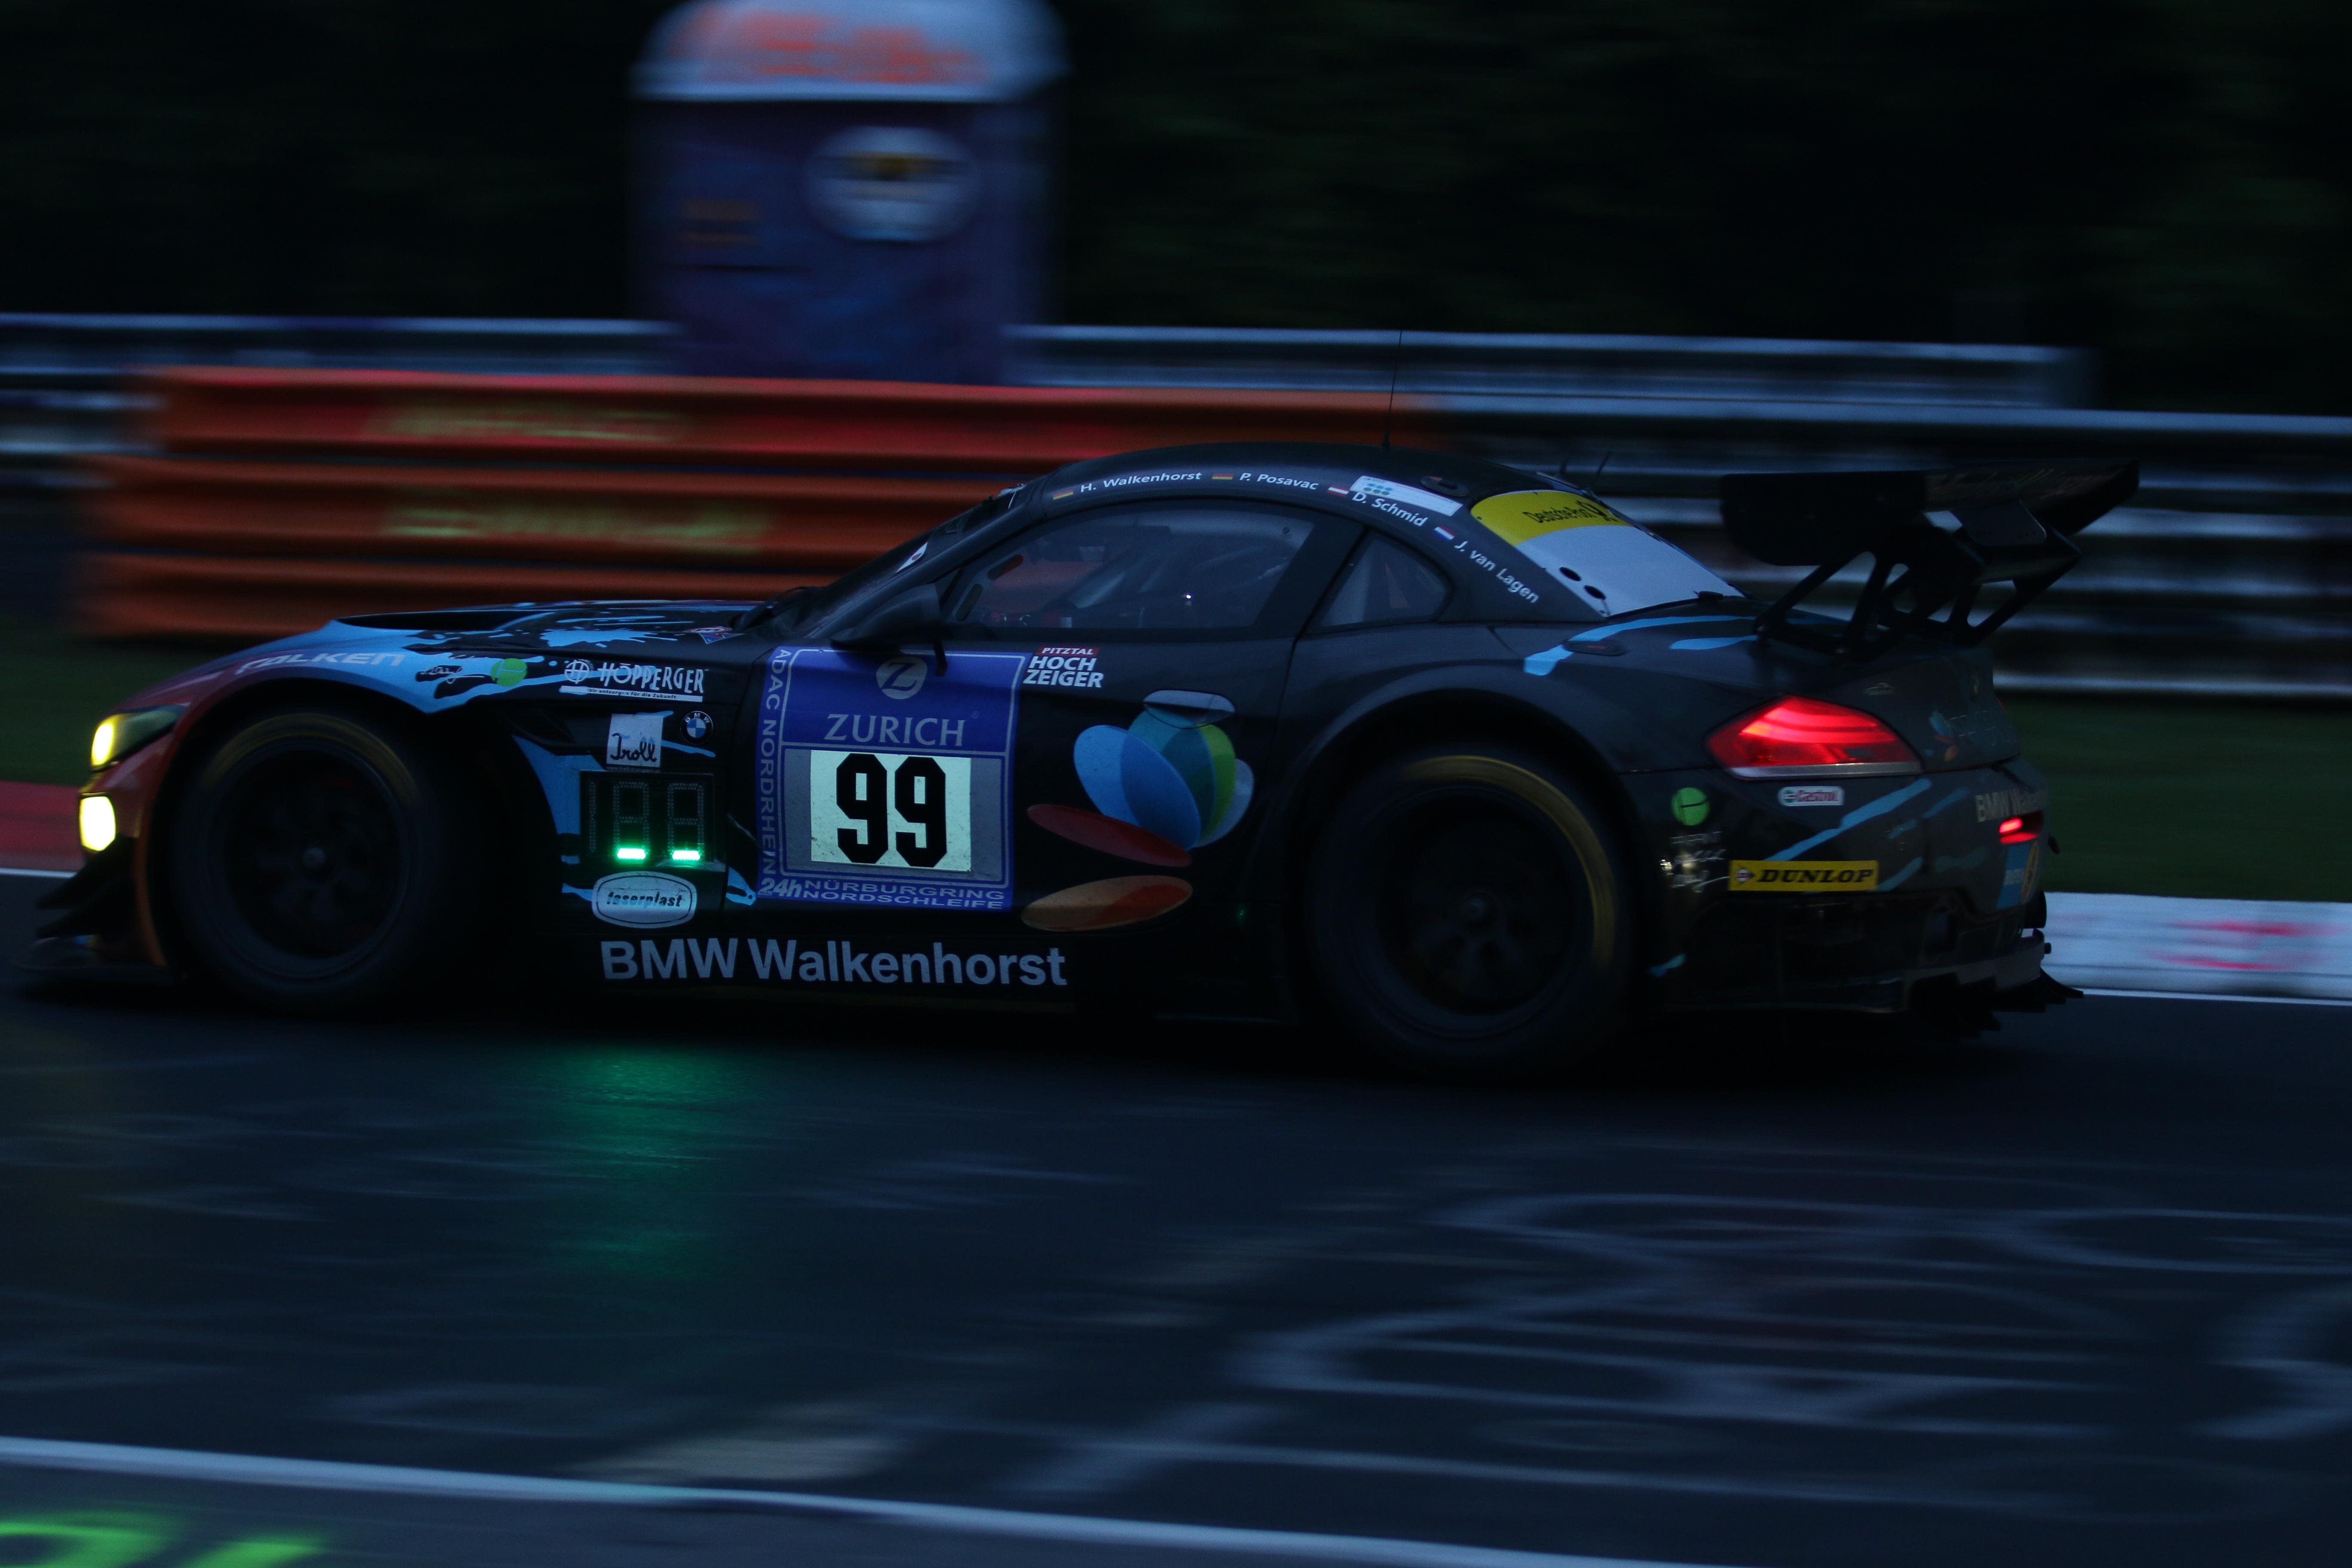 Pech für Daniela Schmid beim 24h Rennen am Nürburgring